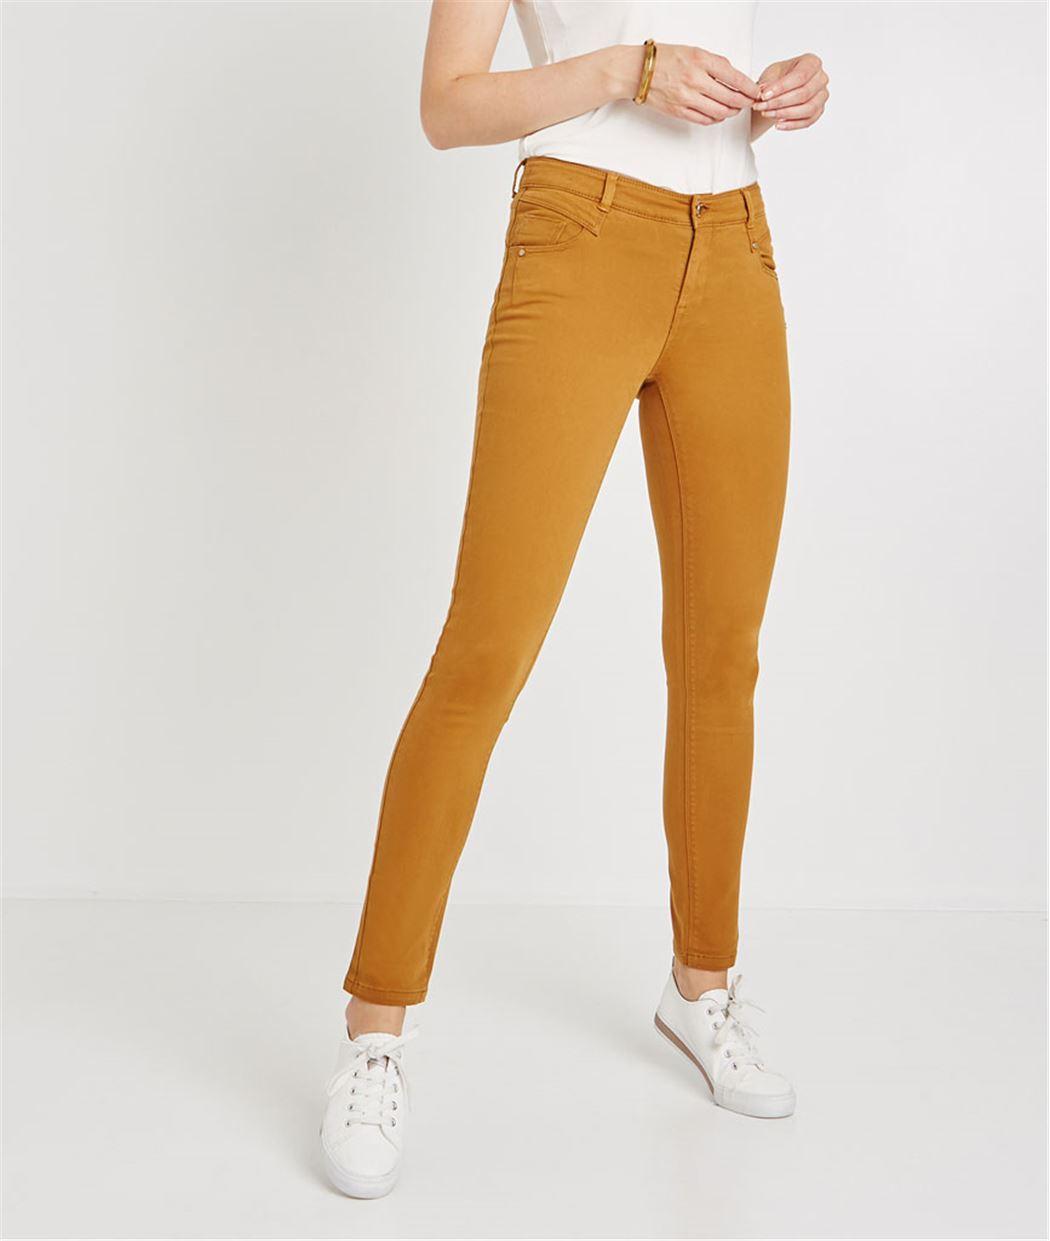 Pantalon slim push up de couleur CURRY